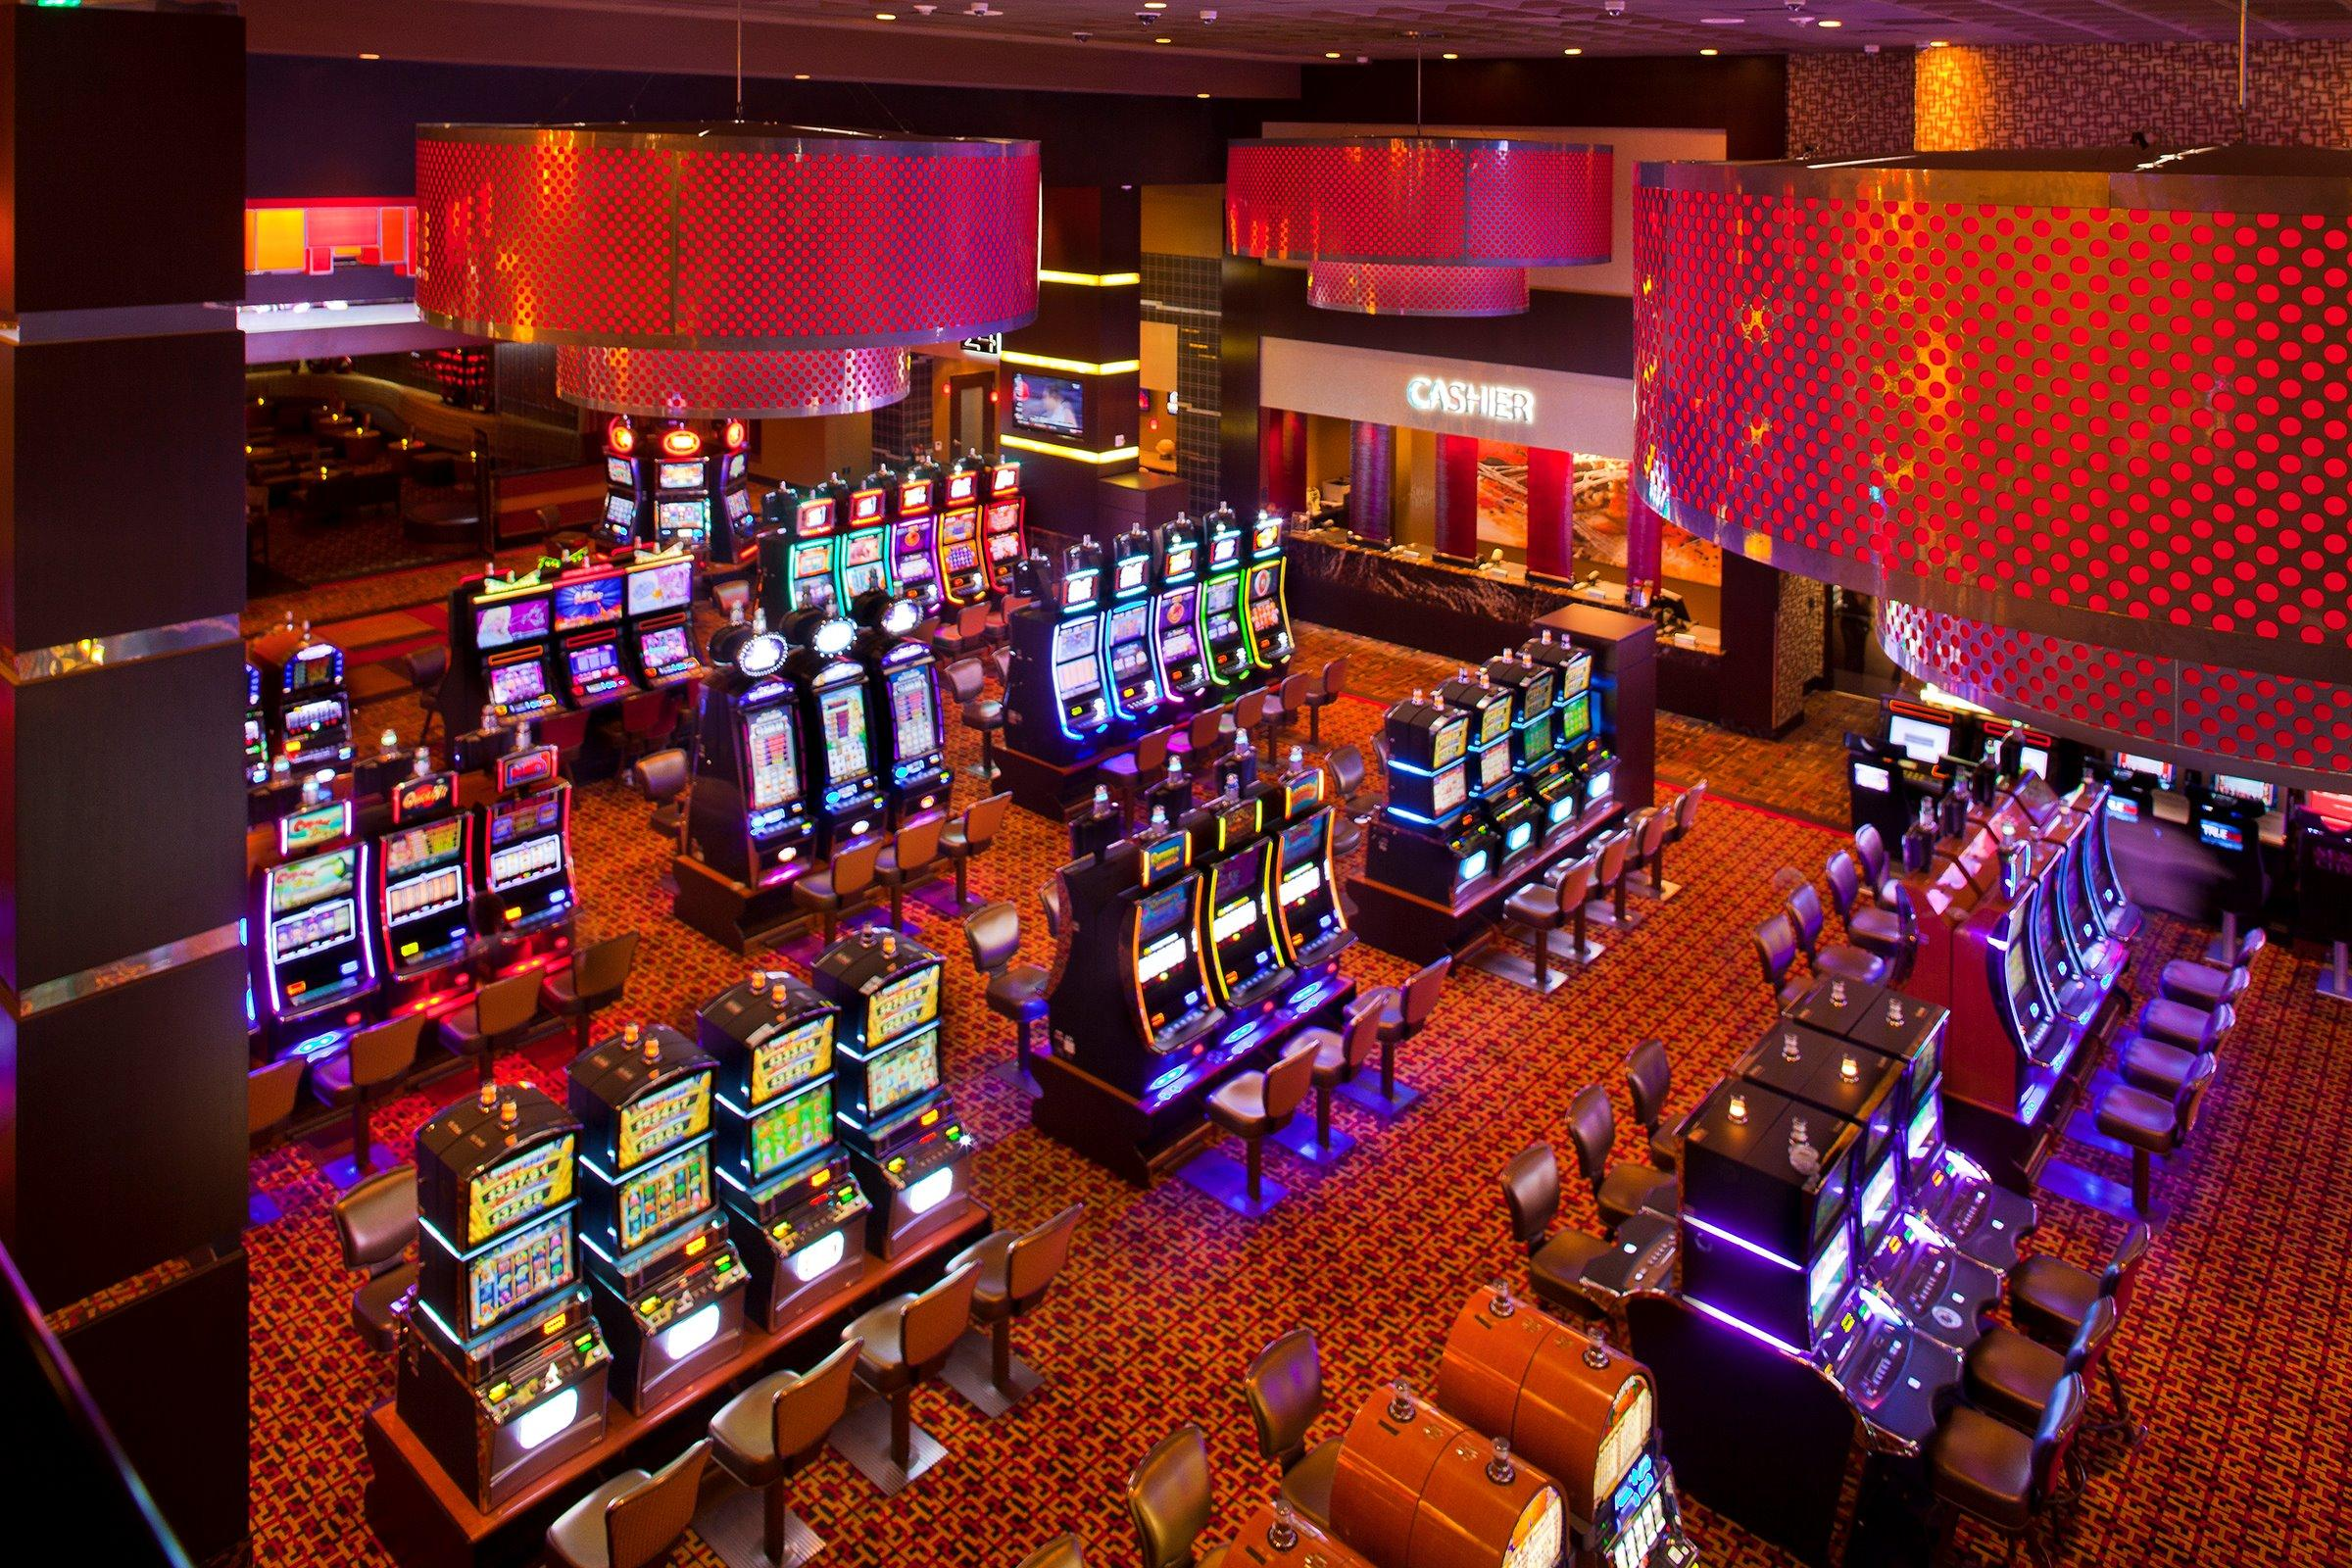 Isle of capri casino resort 10